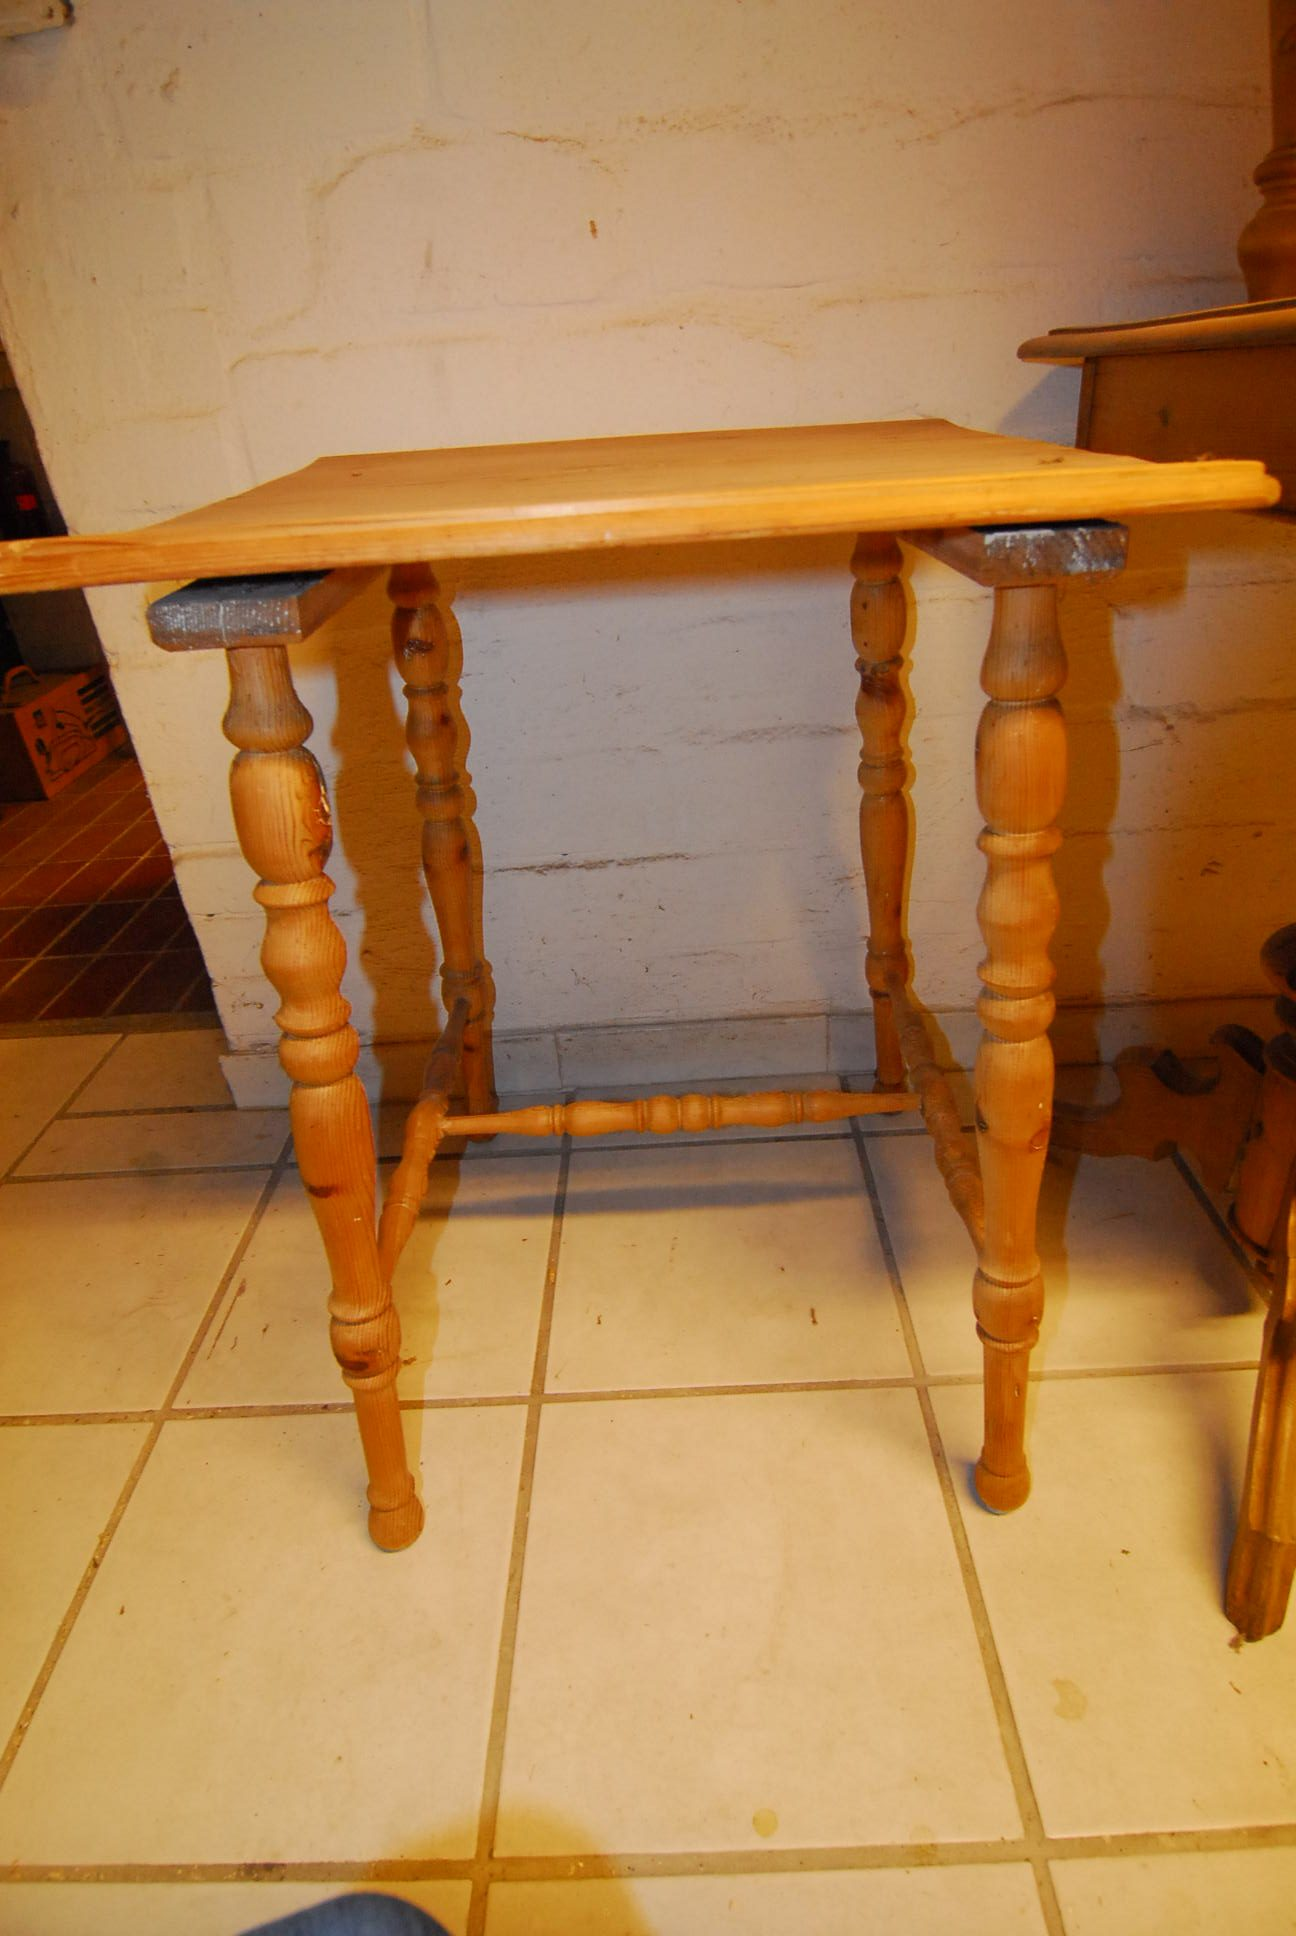 Tisch 25  Maße: H 71 cm  B 53 cm  T 52 cm Preis: 49 €